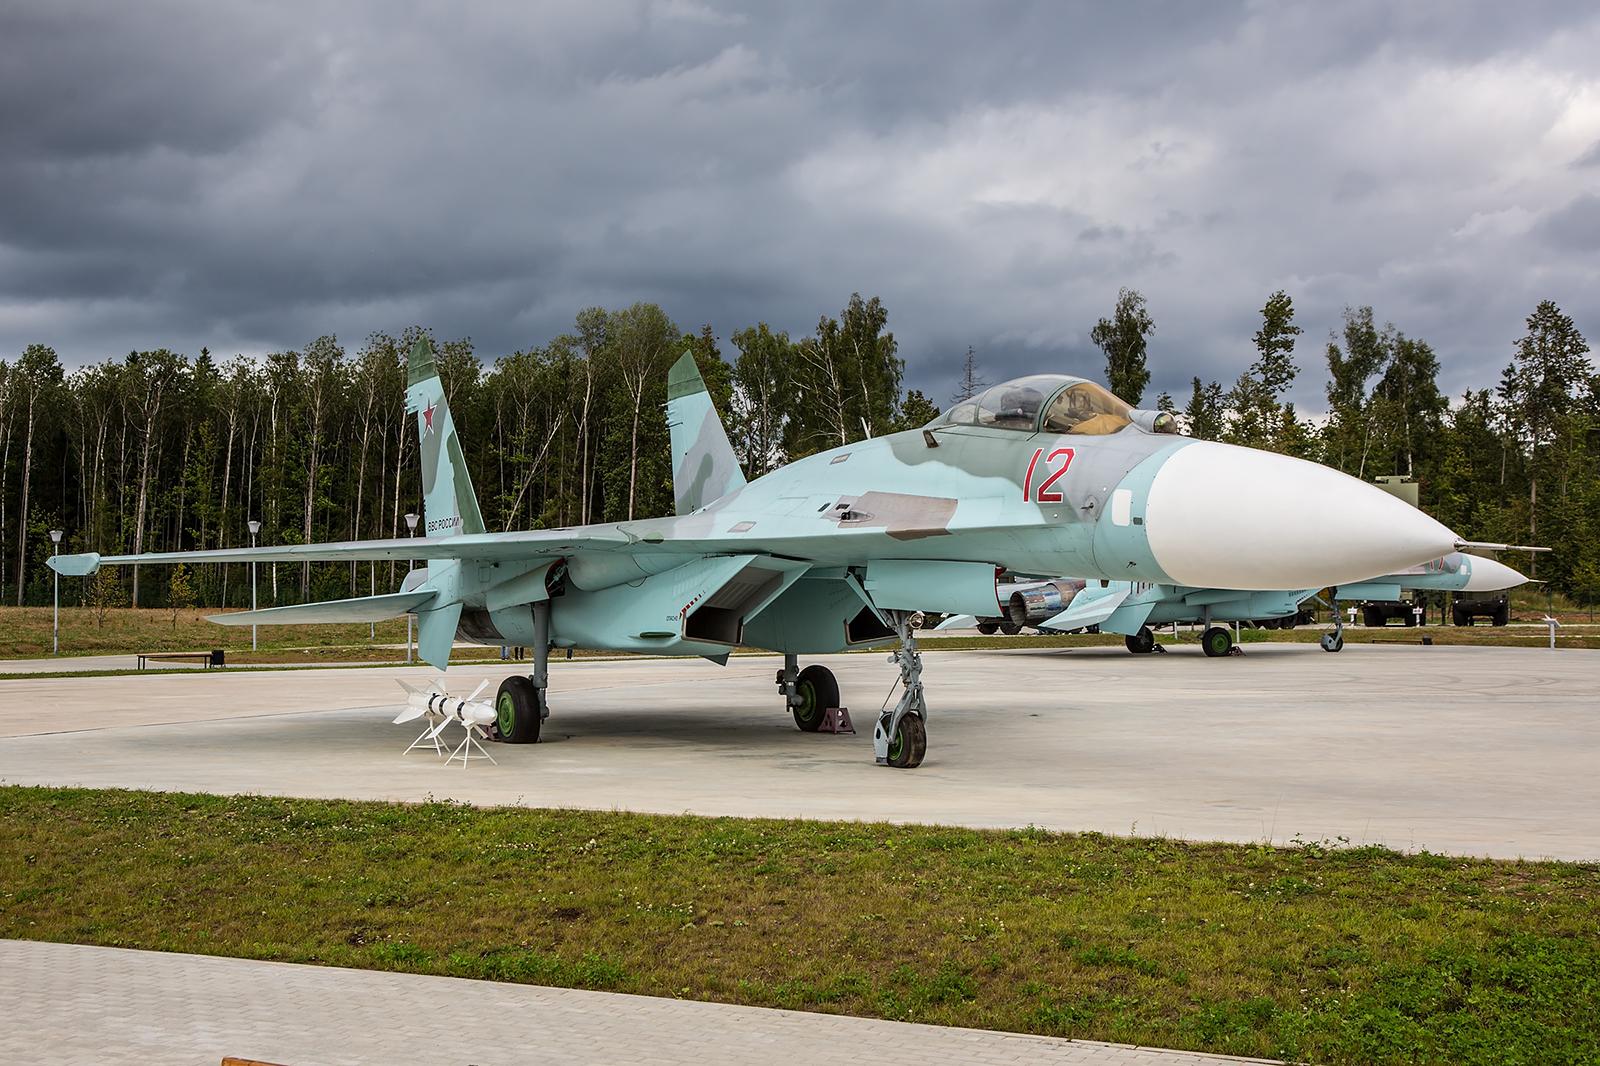 Das Mehrzweckkampfflugzeug Sukhoi Su-27P.